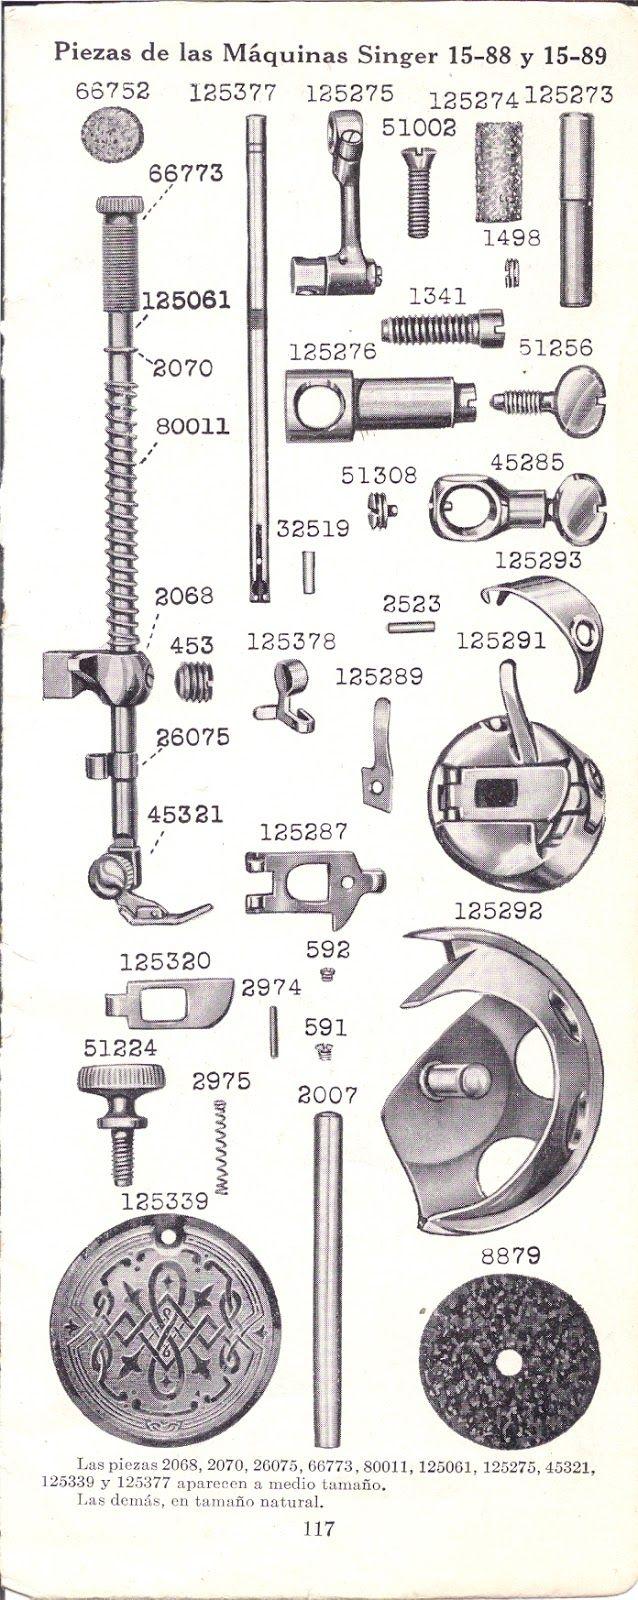 1940 singer sewing machine manual